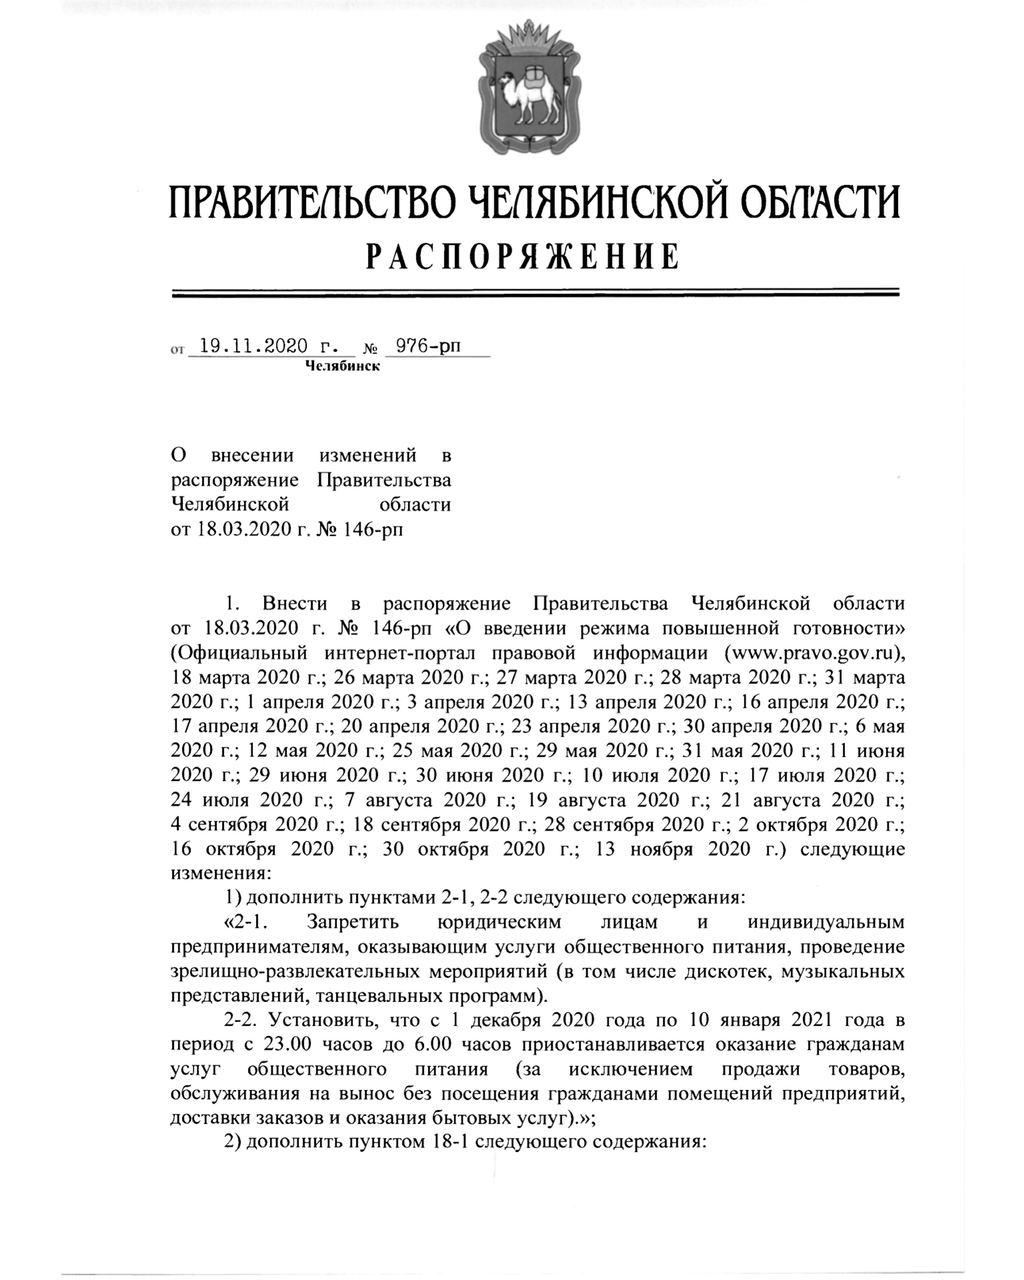 Ковид: в Челябинской области введены новые ограничения